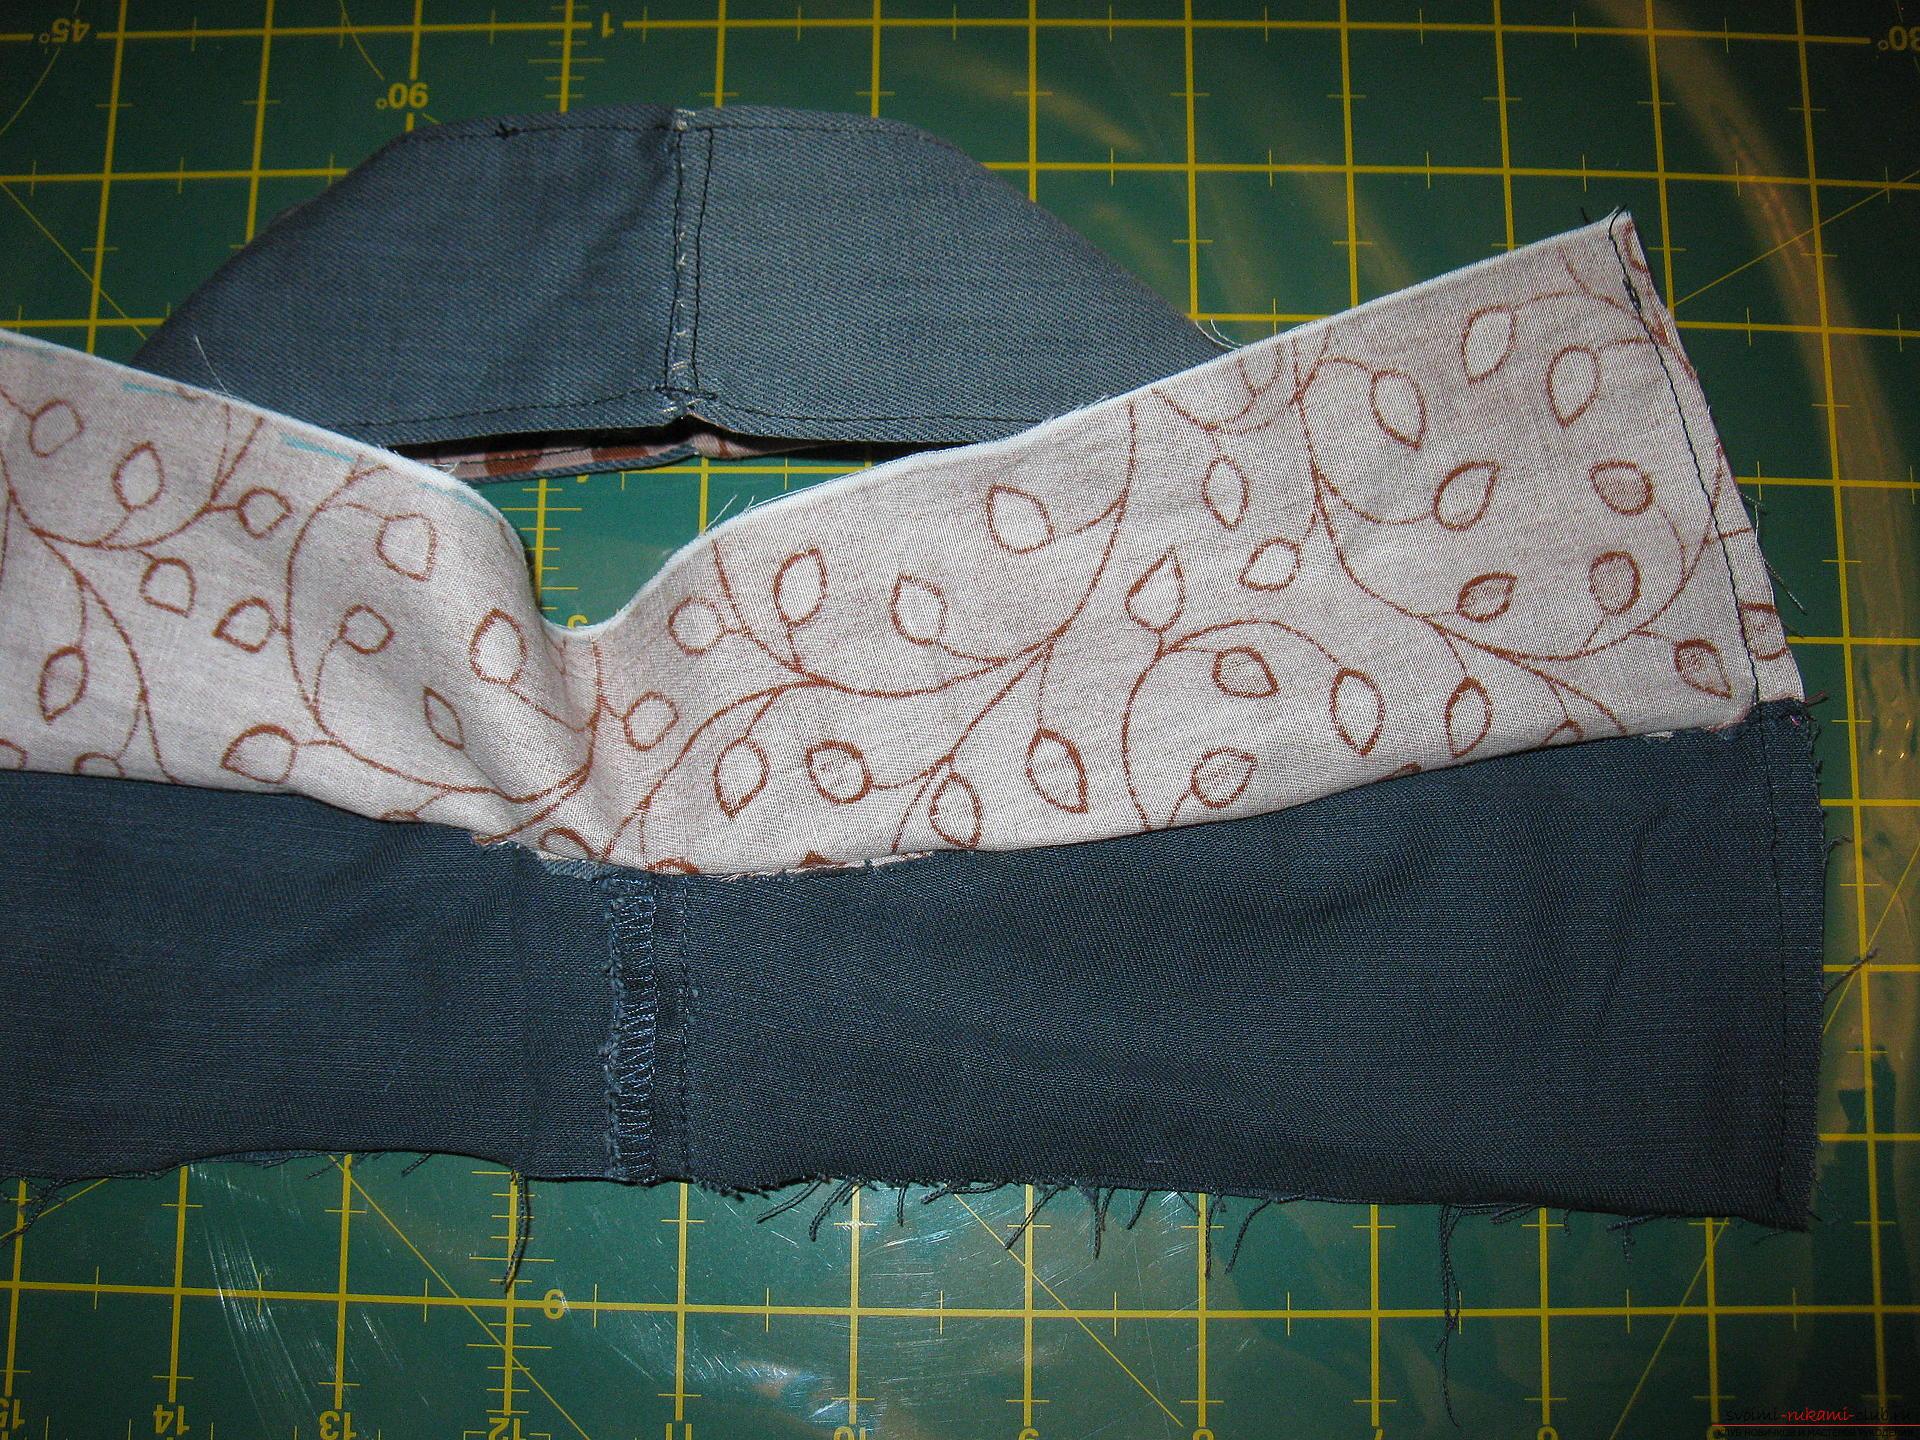 Пошаговые фото к уроку по пошиву хозяйственной сумки. Фото №11